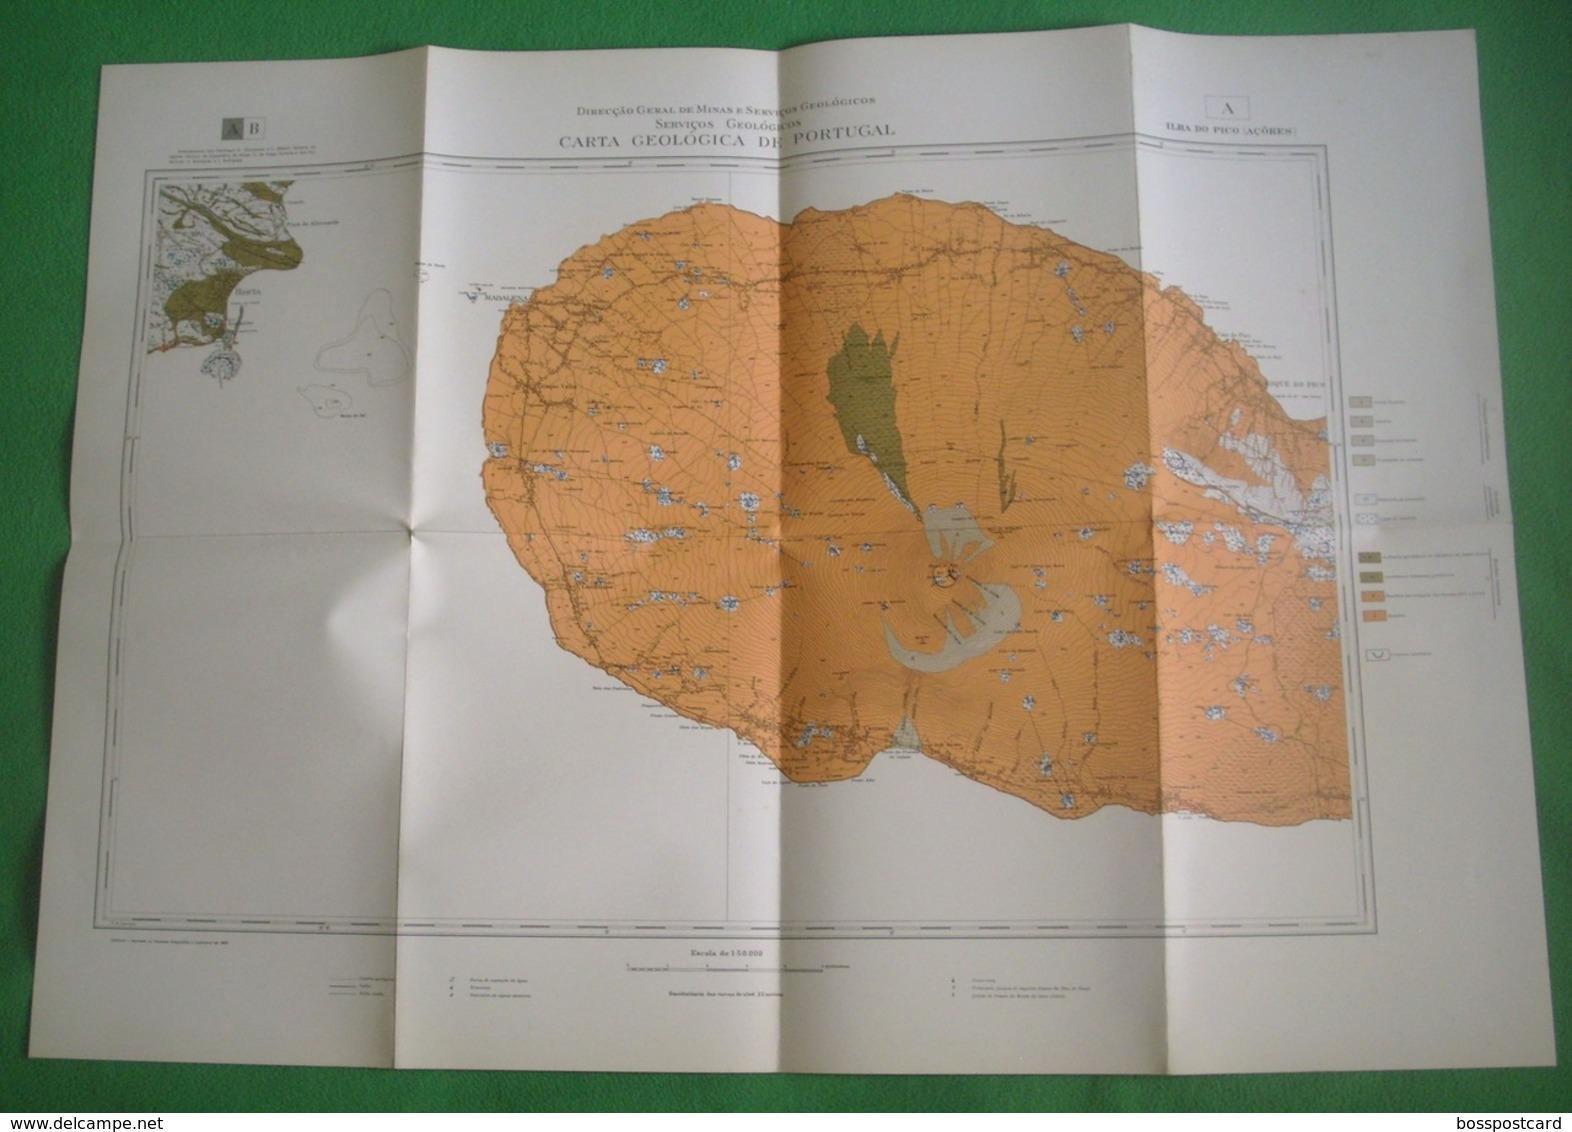 Pico - Carta Geológica De Portugal + Mapa (A) - Açores - Geographical Maps